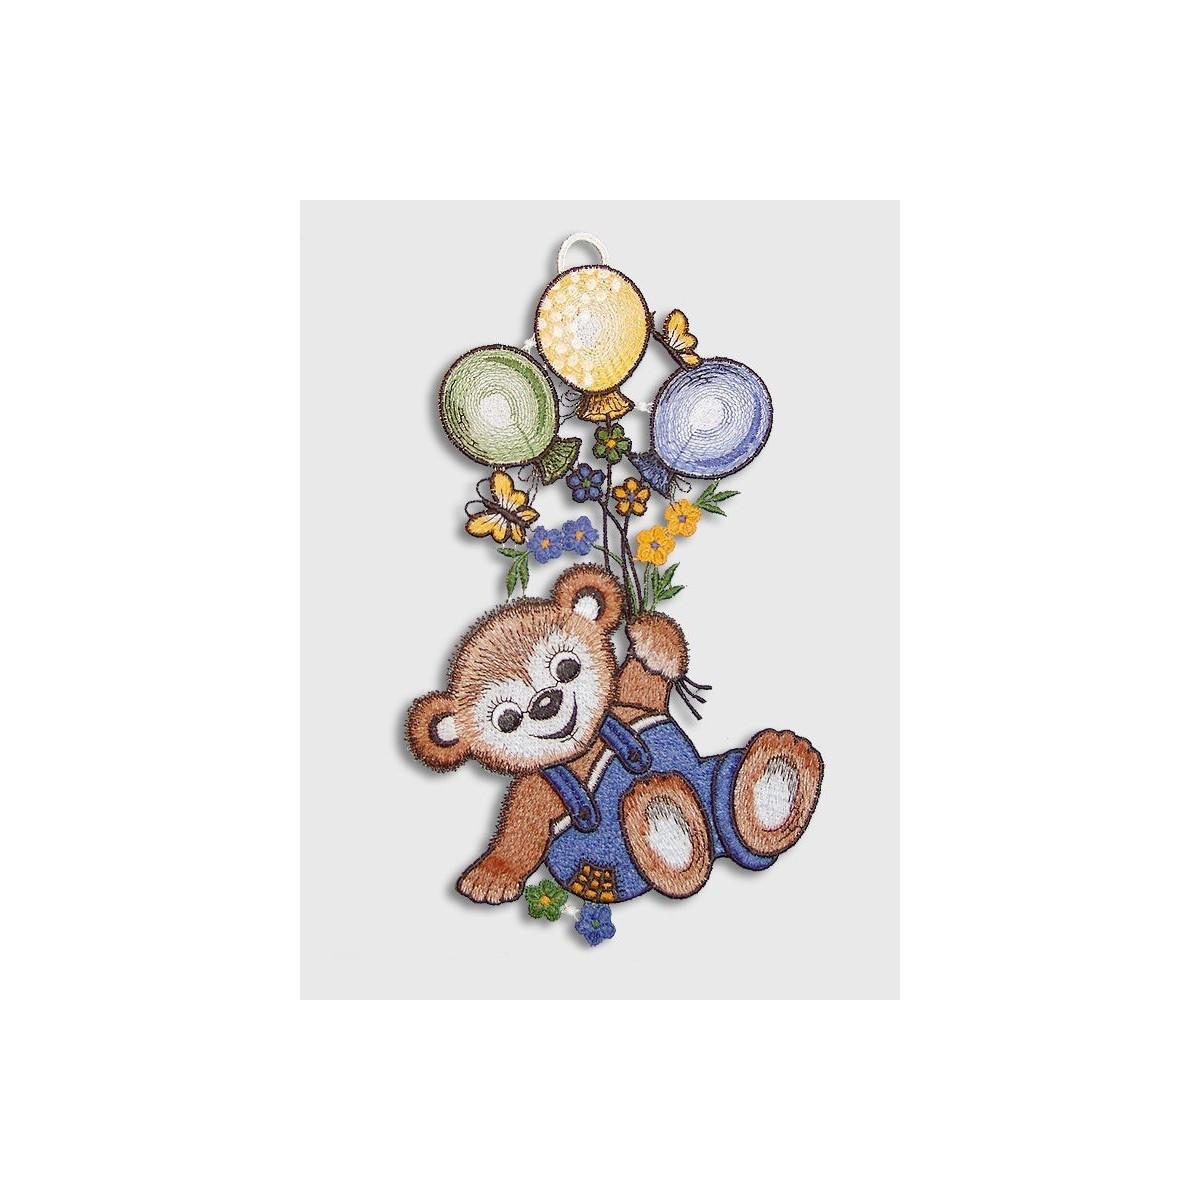 Fensterbild Teddy in Blau für Kinderzimmer Echte Plauener Spitze